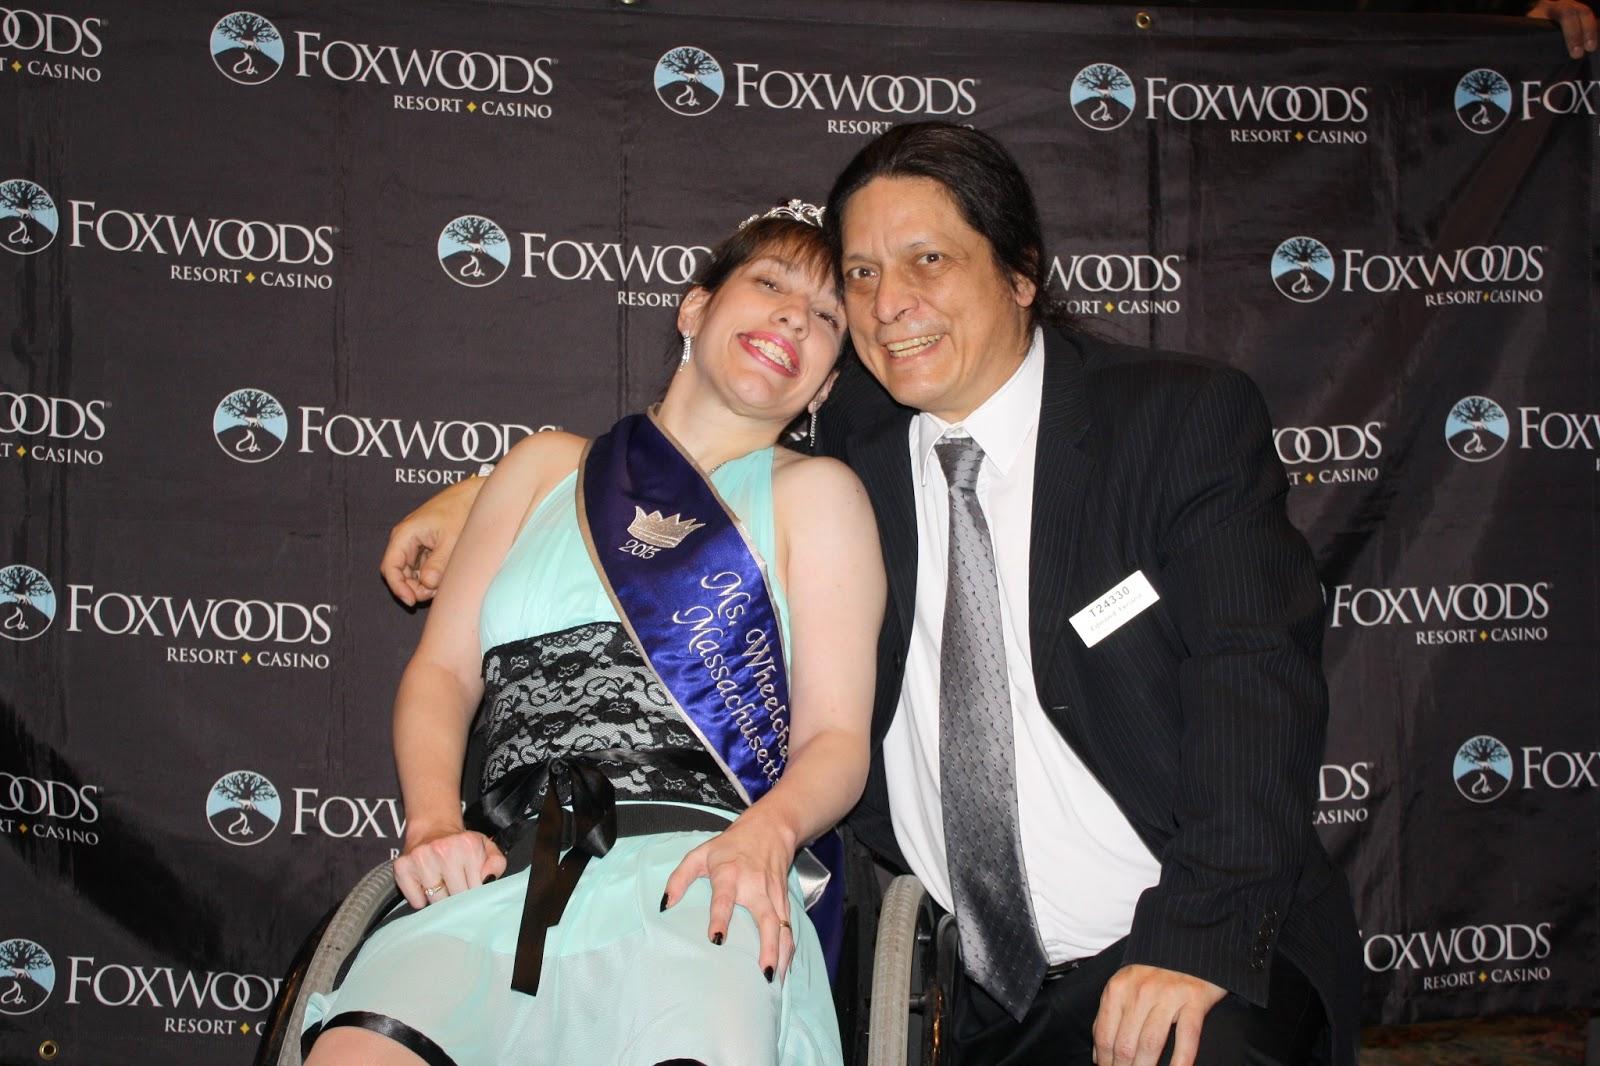 Foxwoods casino wheelchairs